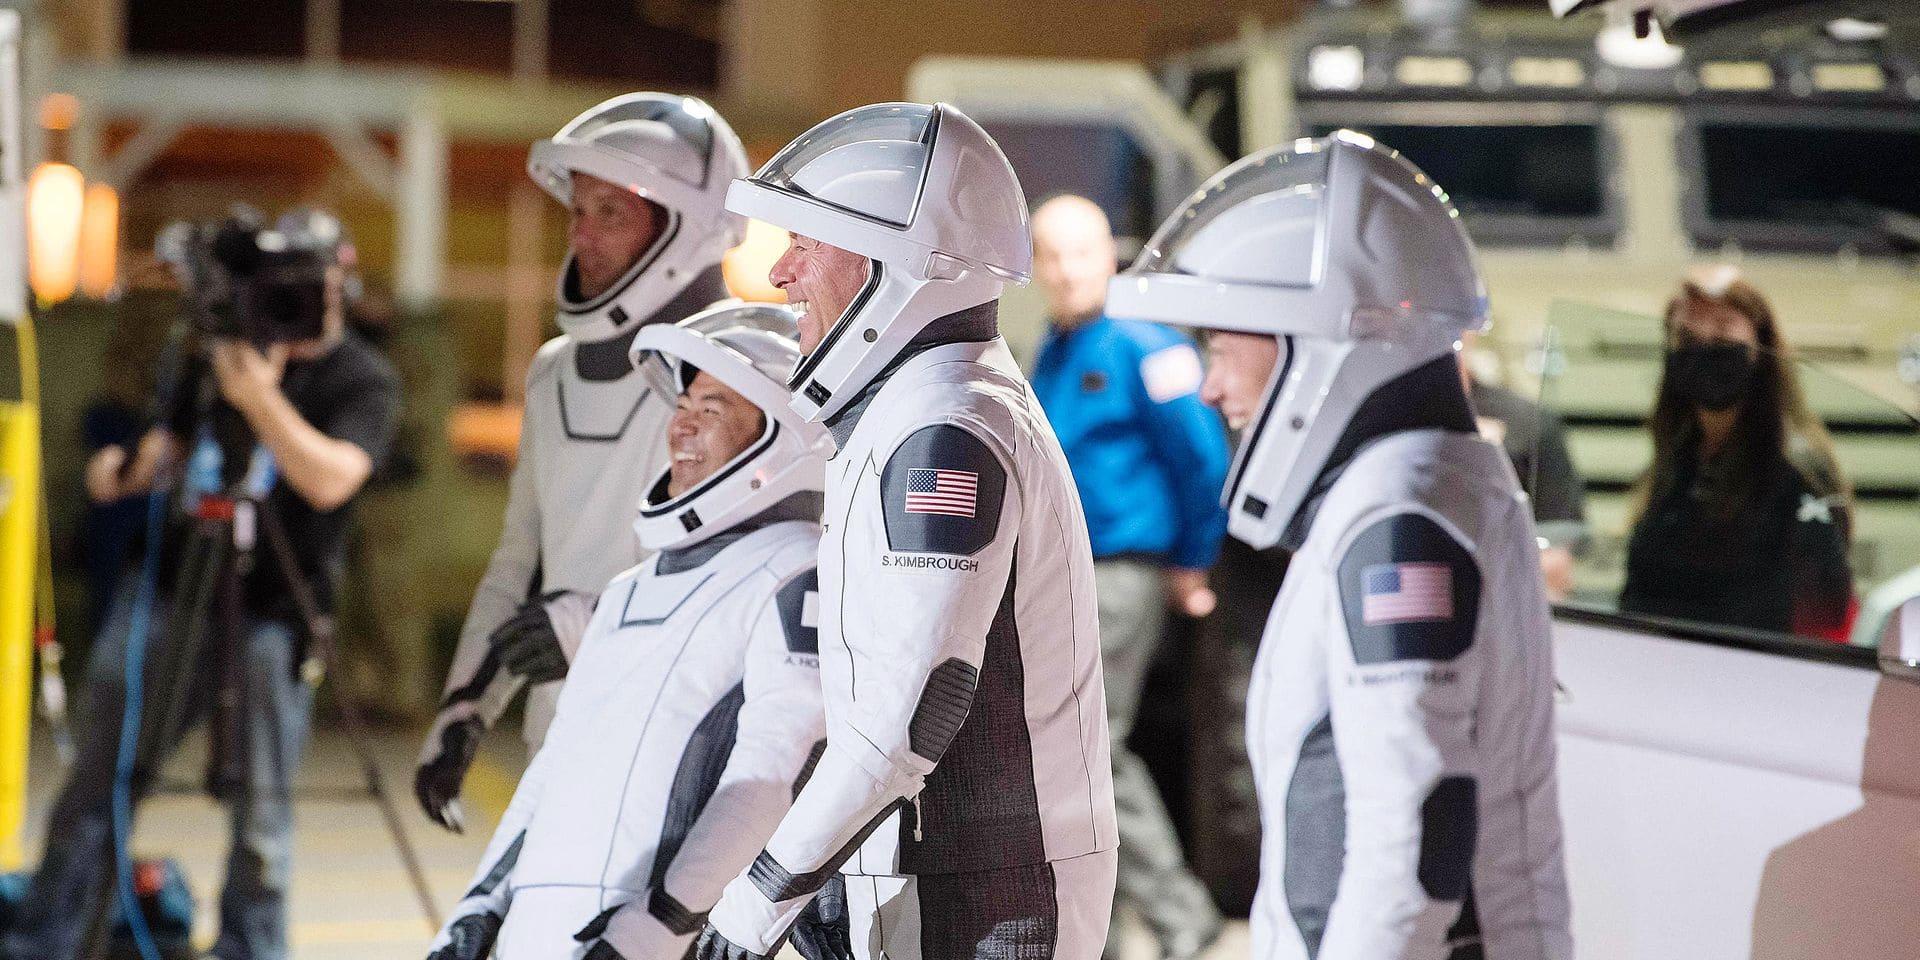 Quatre à six astronautes vont être recrutés par l'Esa, tandis qu'entre 10 et 20 spationautes de réserve seront également engagés.